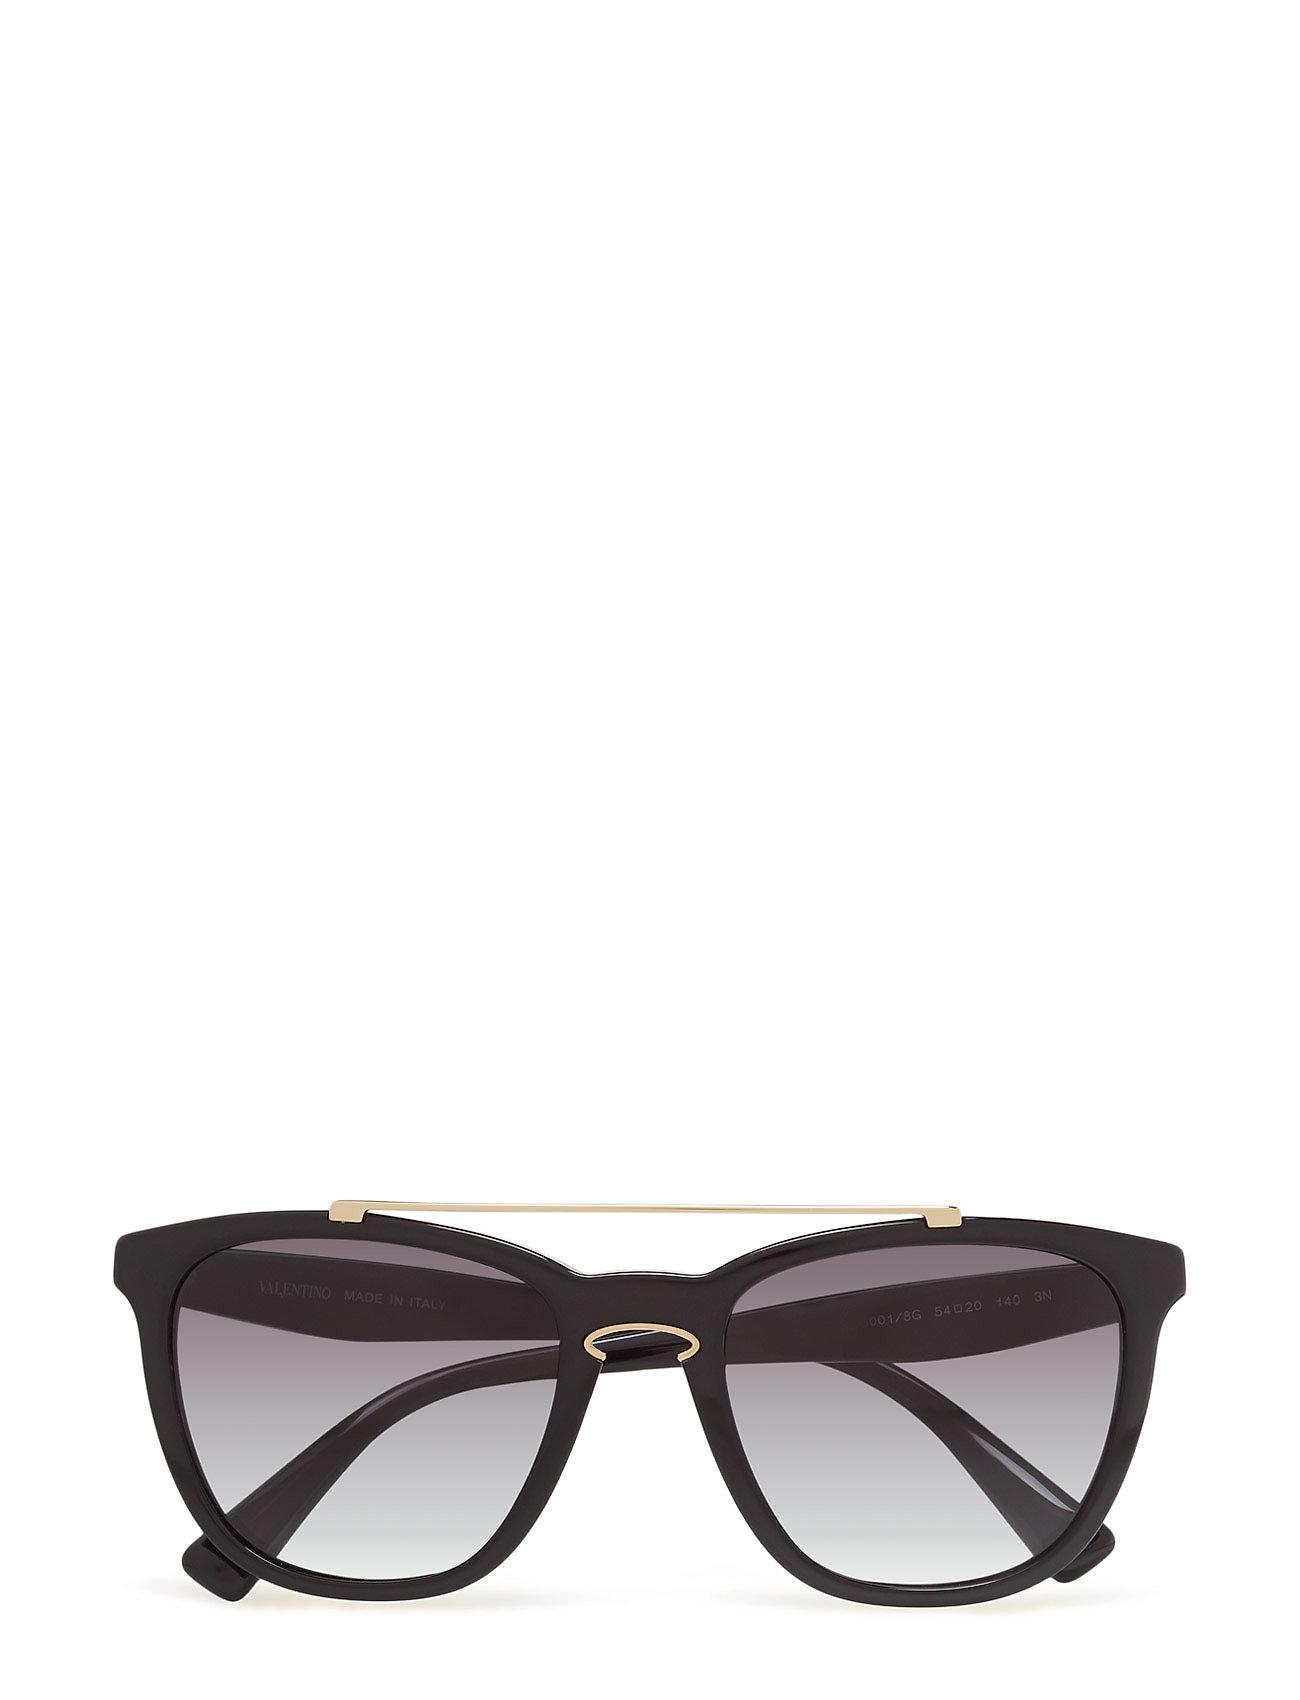 valentino sunglasses – Rock loop på boozt.com dk